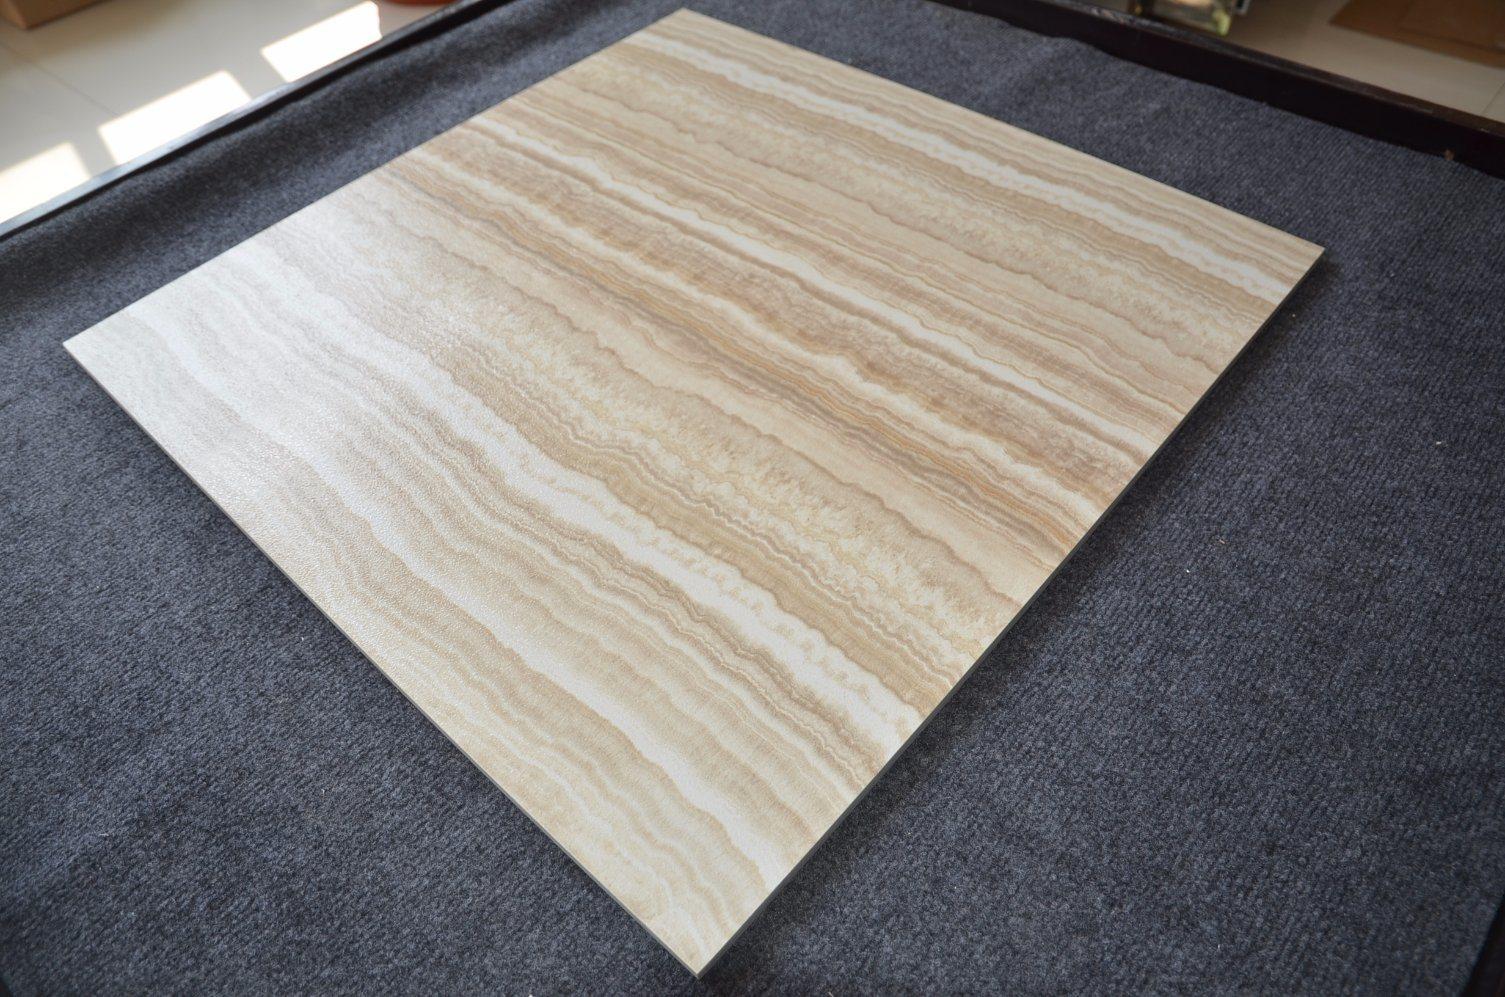 China Bathroom Use Rustic Ceramic Non Slip Porcelain Floor Tiles ...